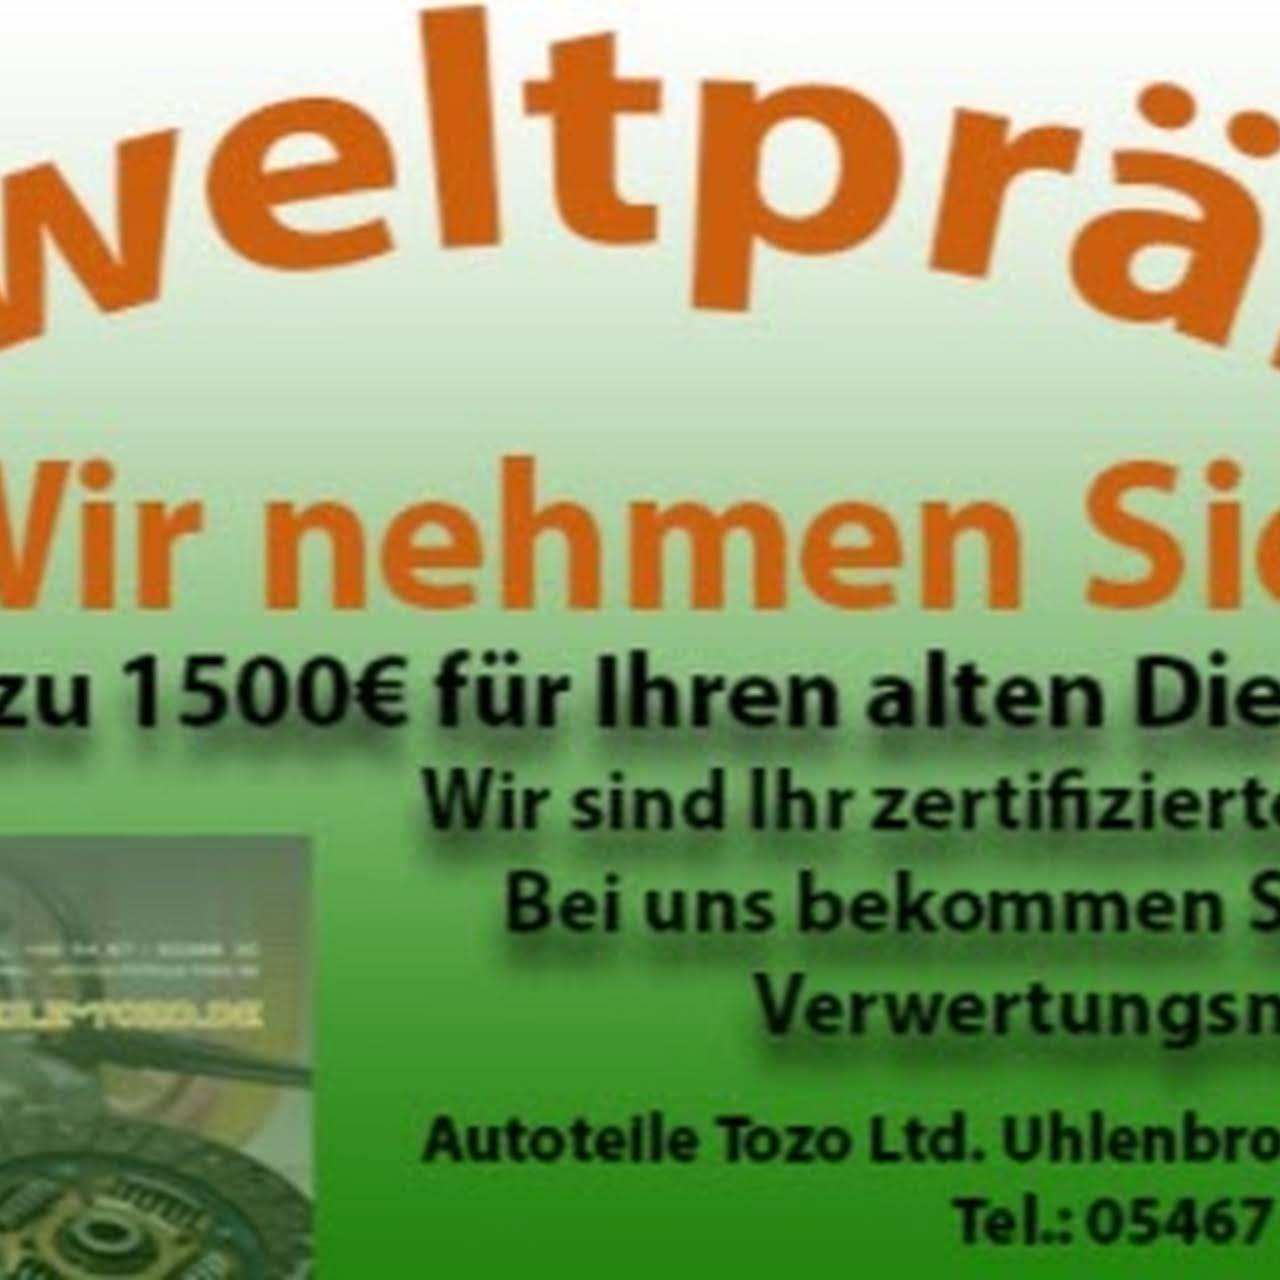 Autoteile Tozo Limited - Autoverwertung Werkstatt in Neuenkirchen